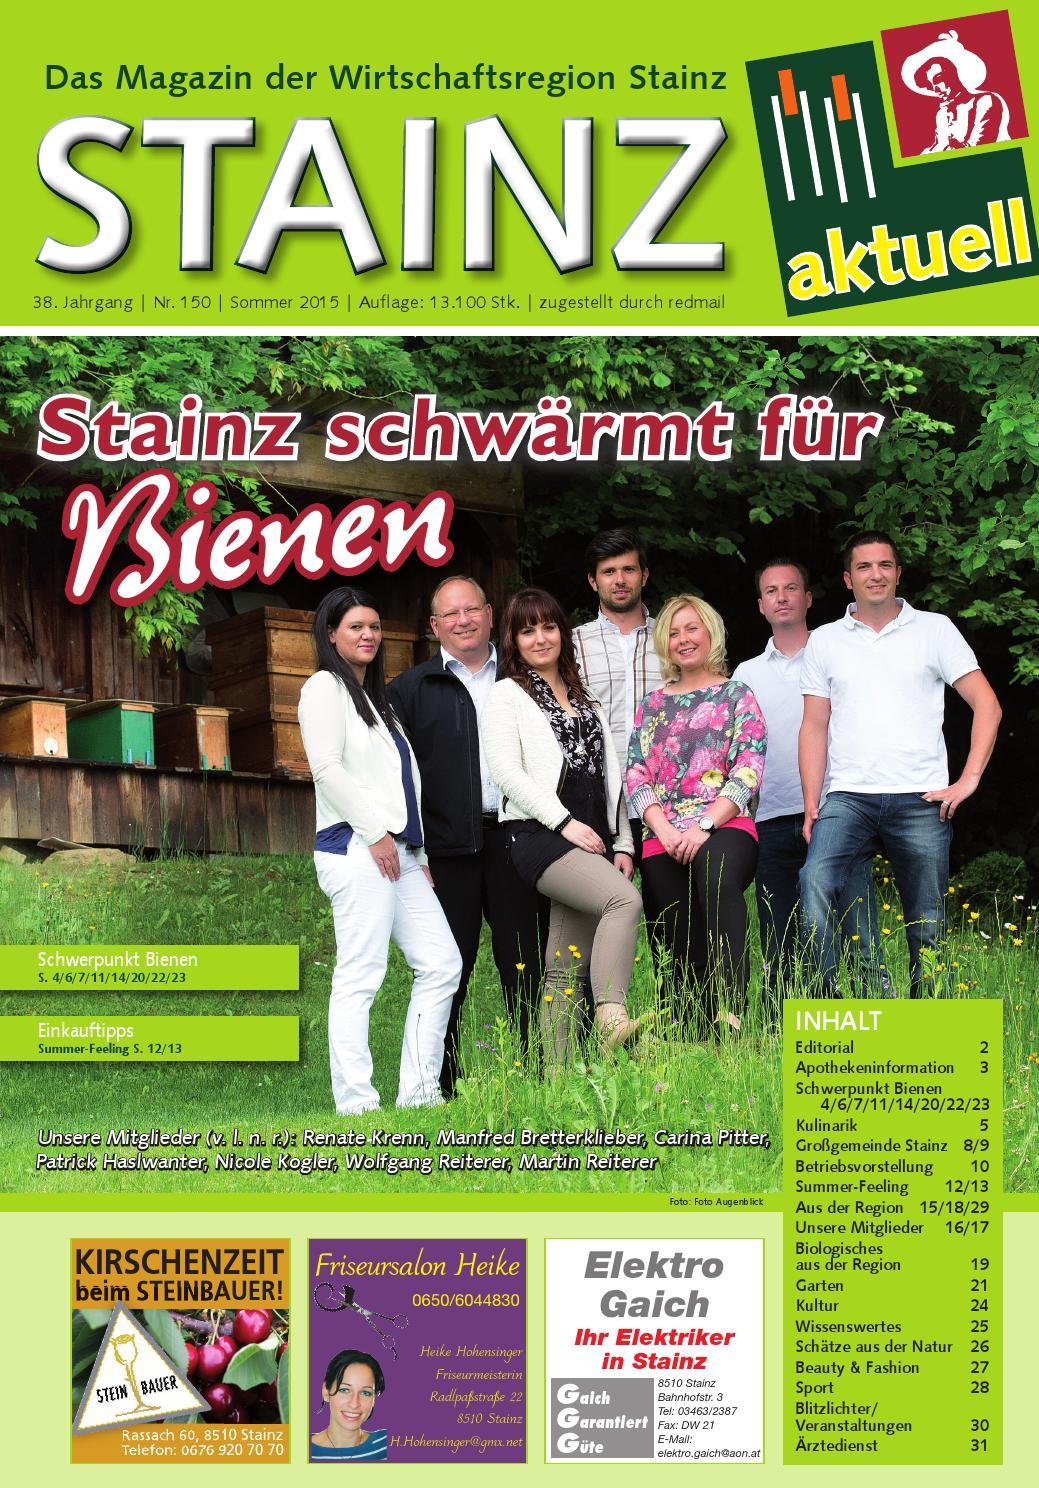 Tagespost Graz - Google Books-Ergebnisseite